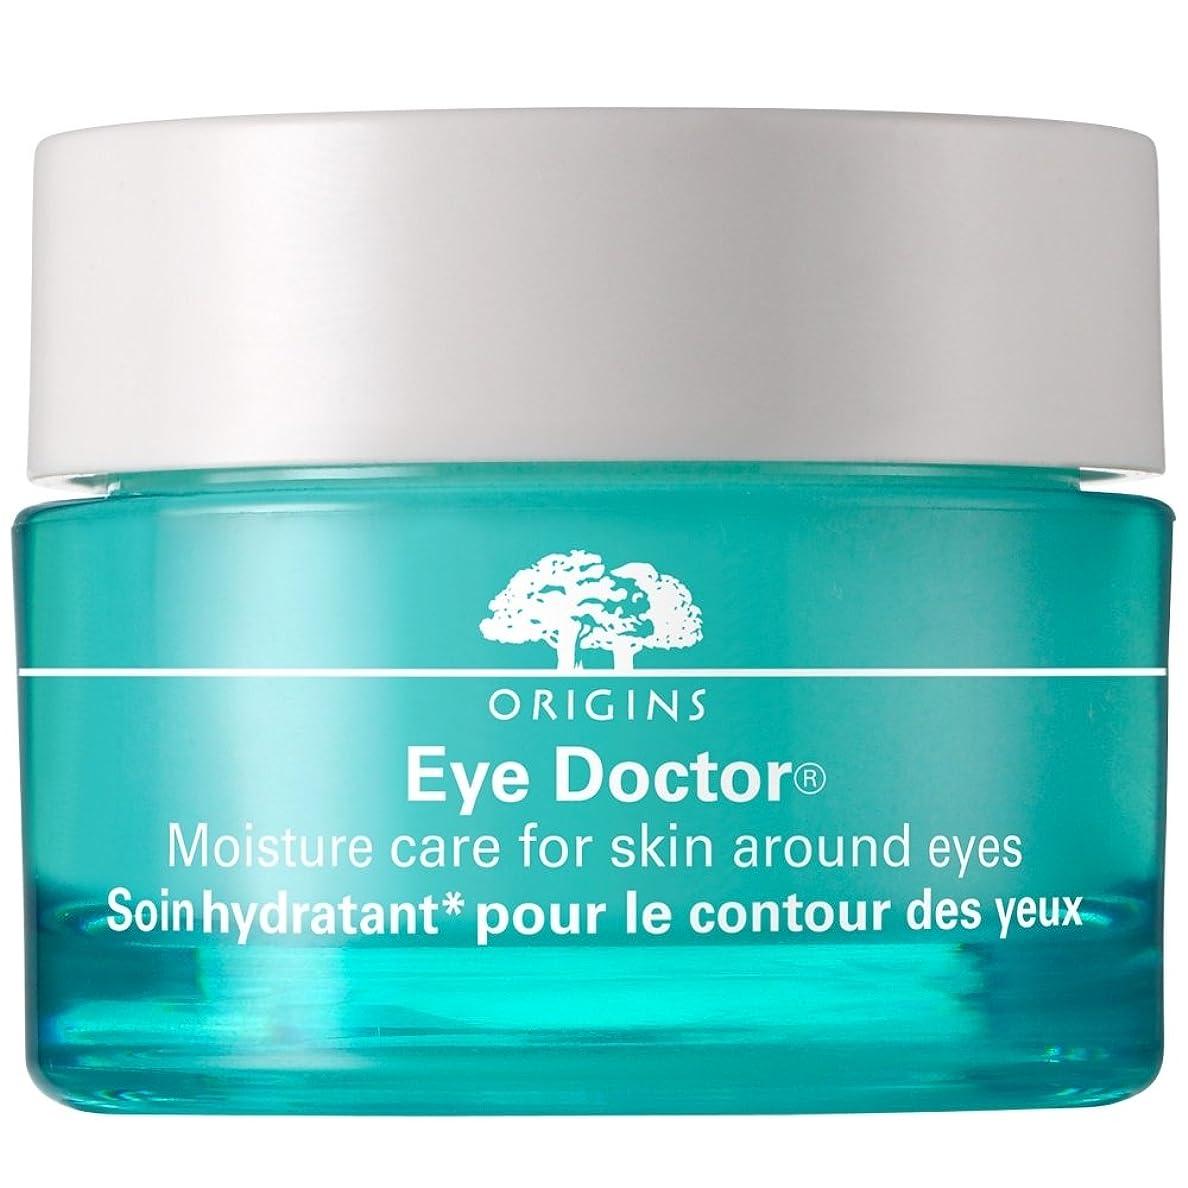 論争的避難ゼロ目の15ミリリットルの周りの肌のための水分ケアDoctor?起源目 (Origins) (x2) - Origins Eye Doctor? Moisture Care For Skin Around Eyes 15ml (Pack of 2) [並行輸入品]